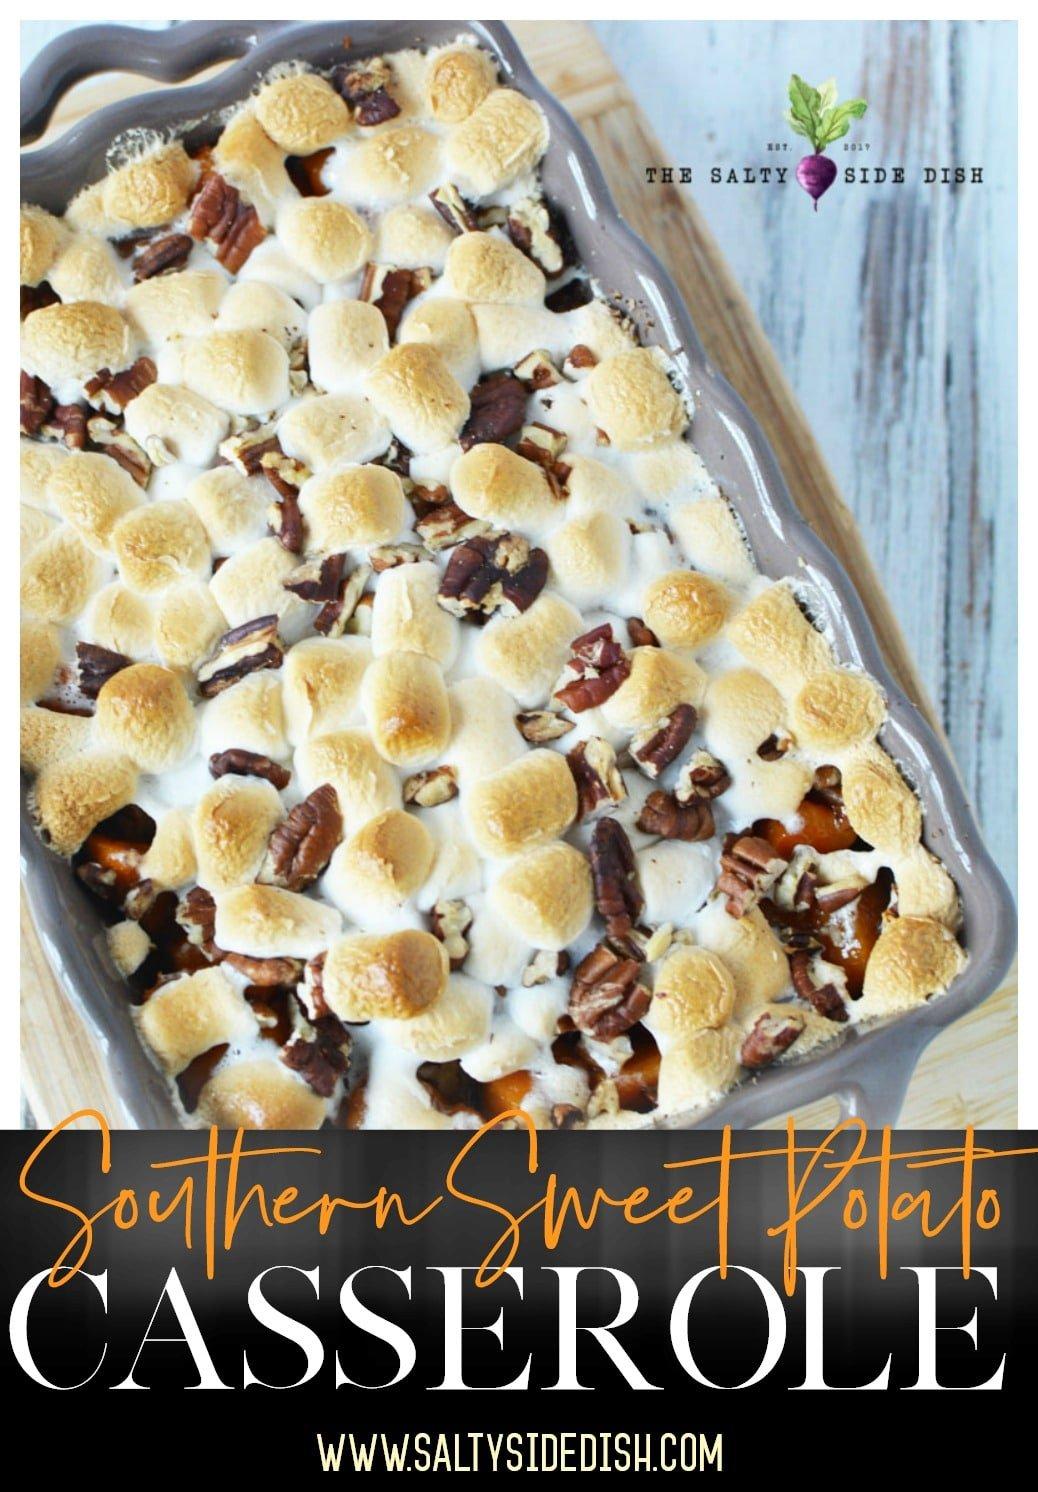 southern sweet potato casserole recipe